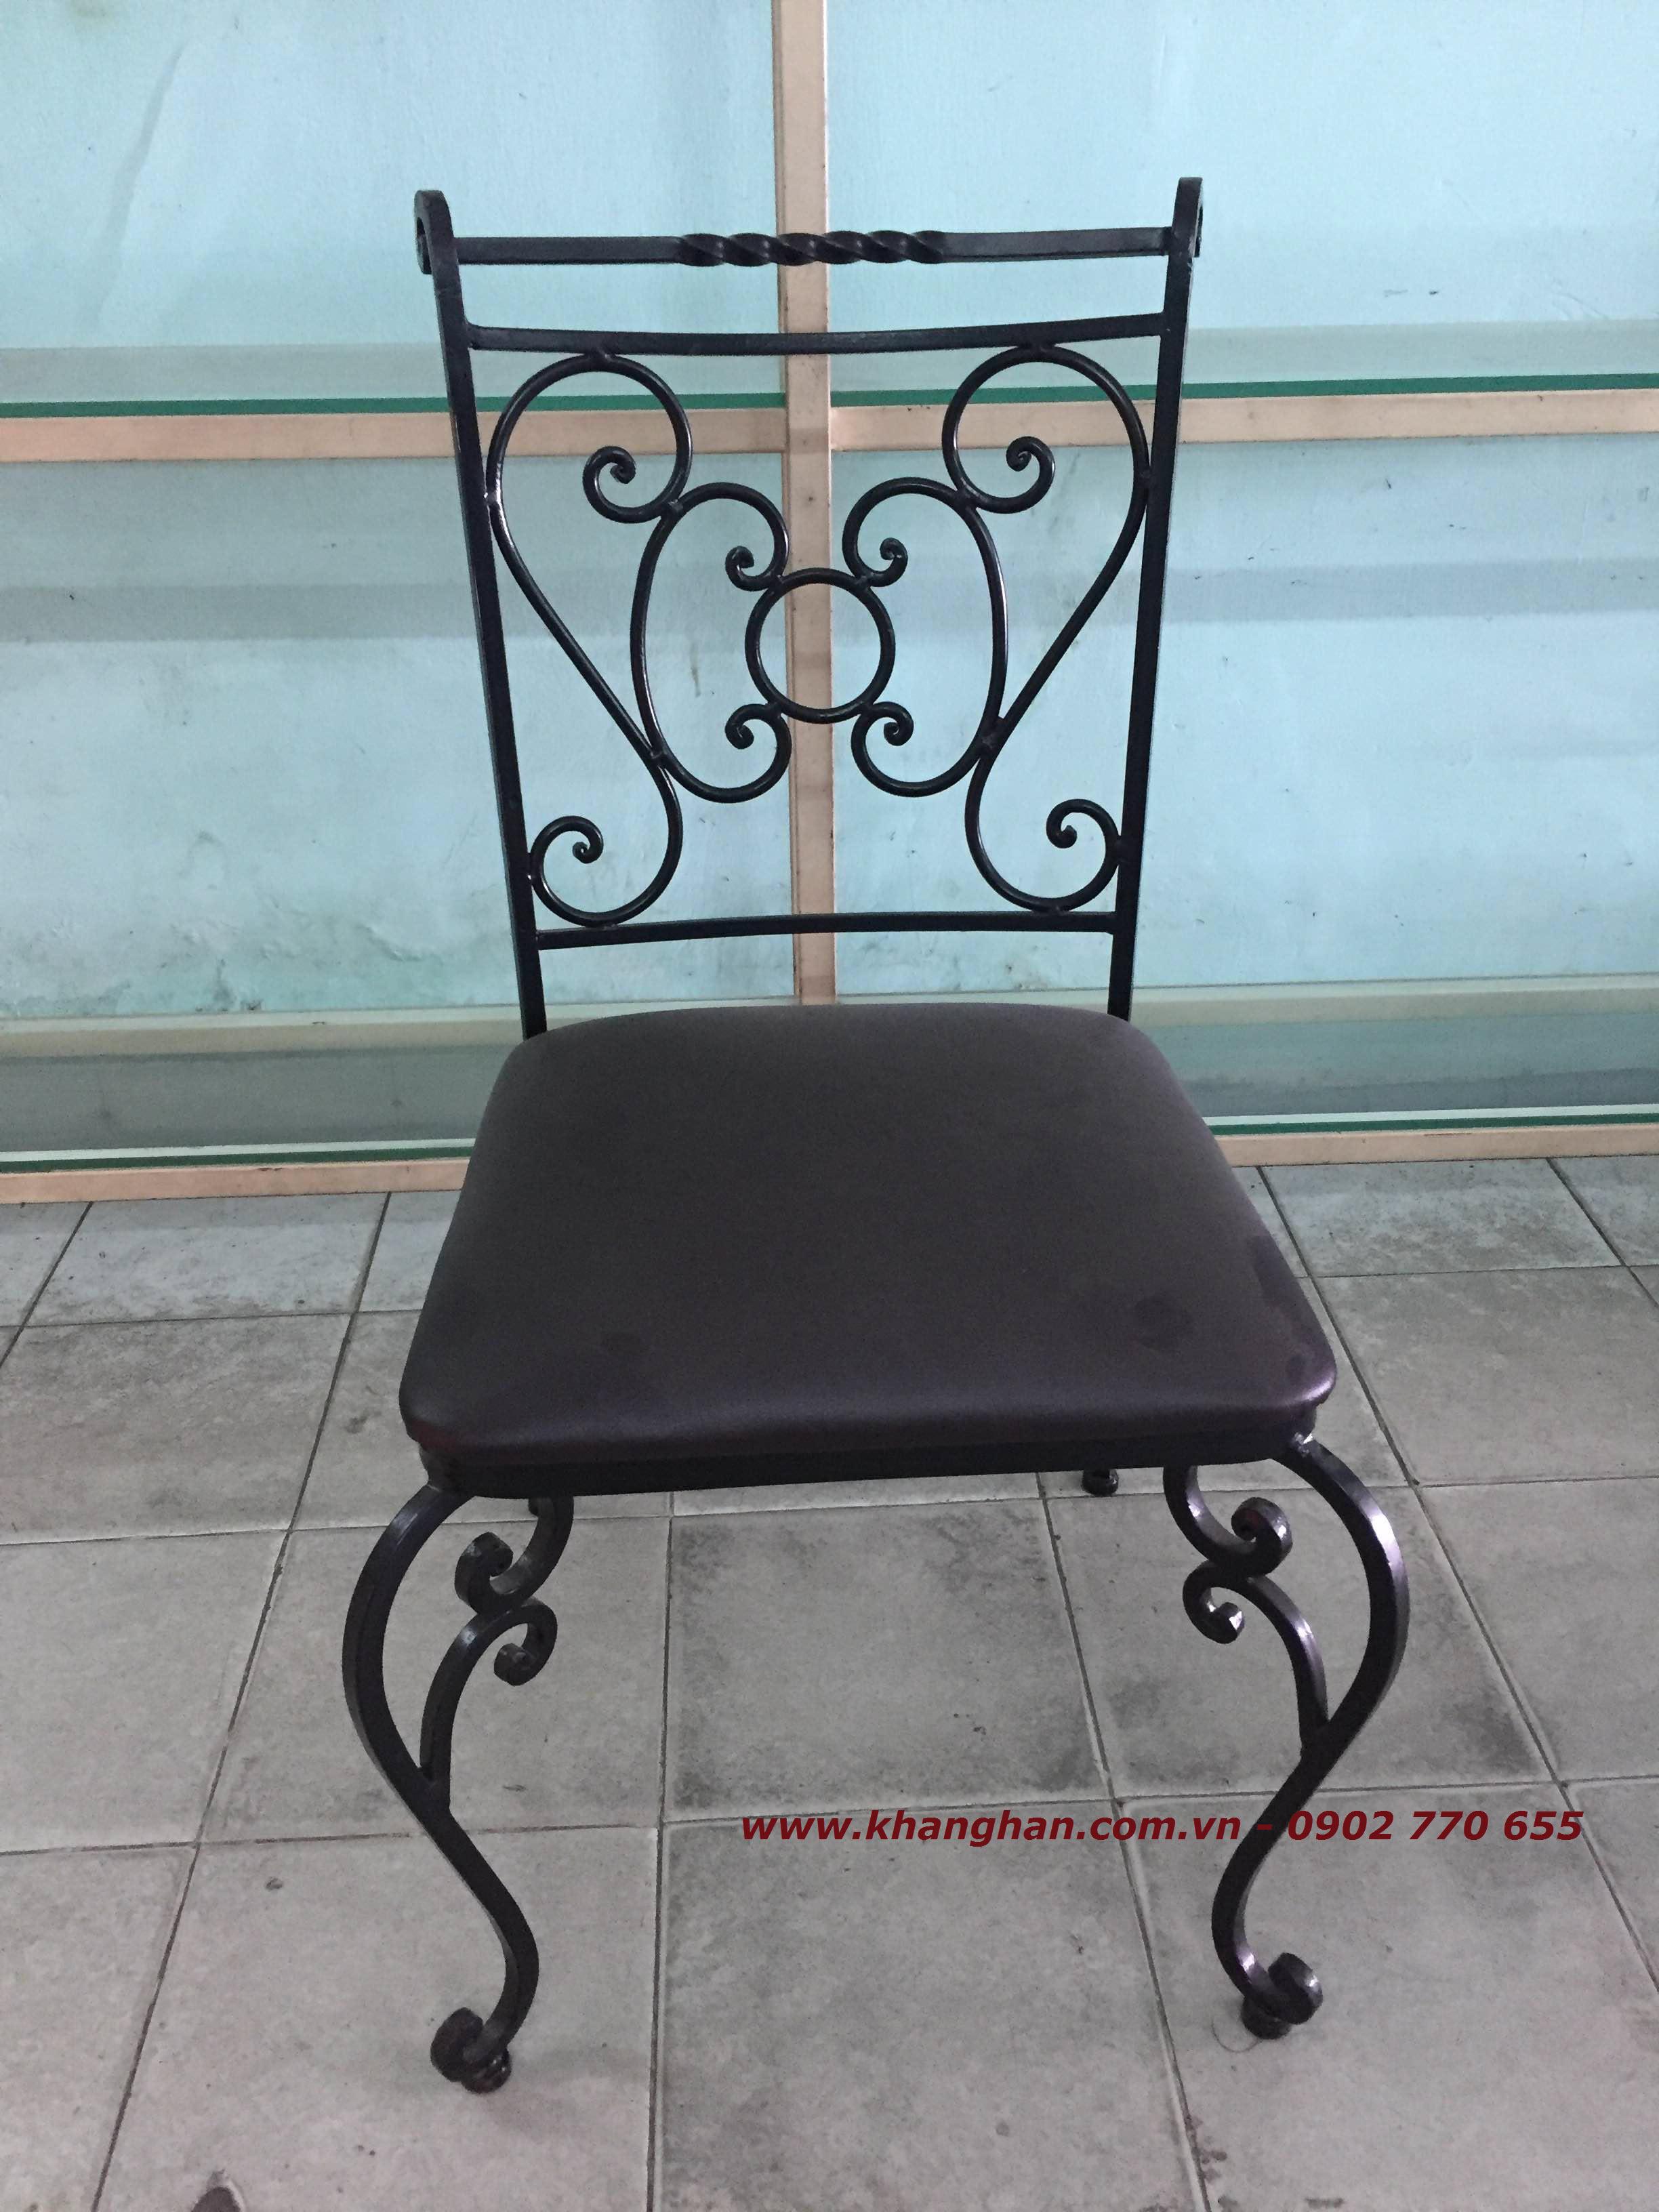 Art Iron Chairs KH BG019